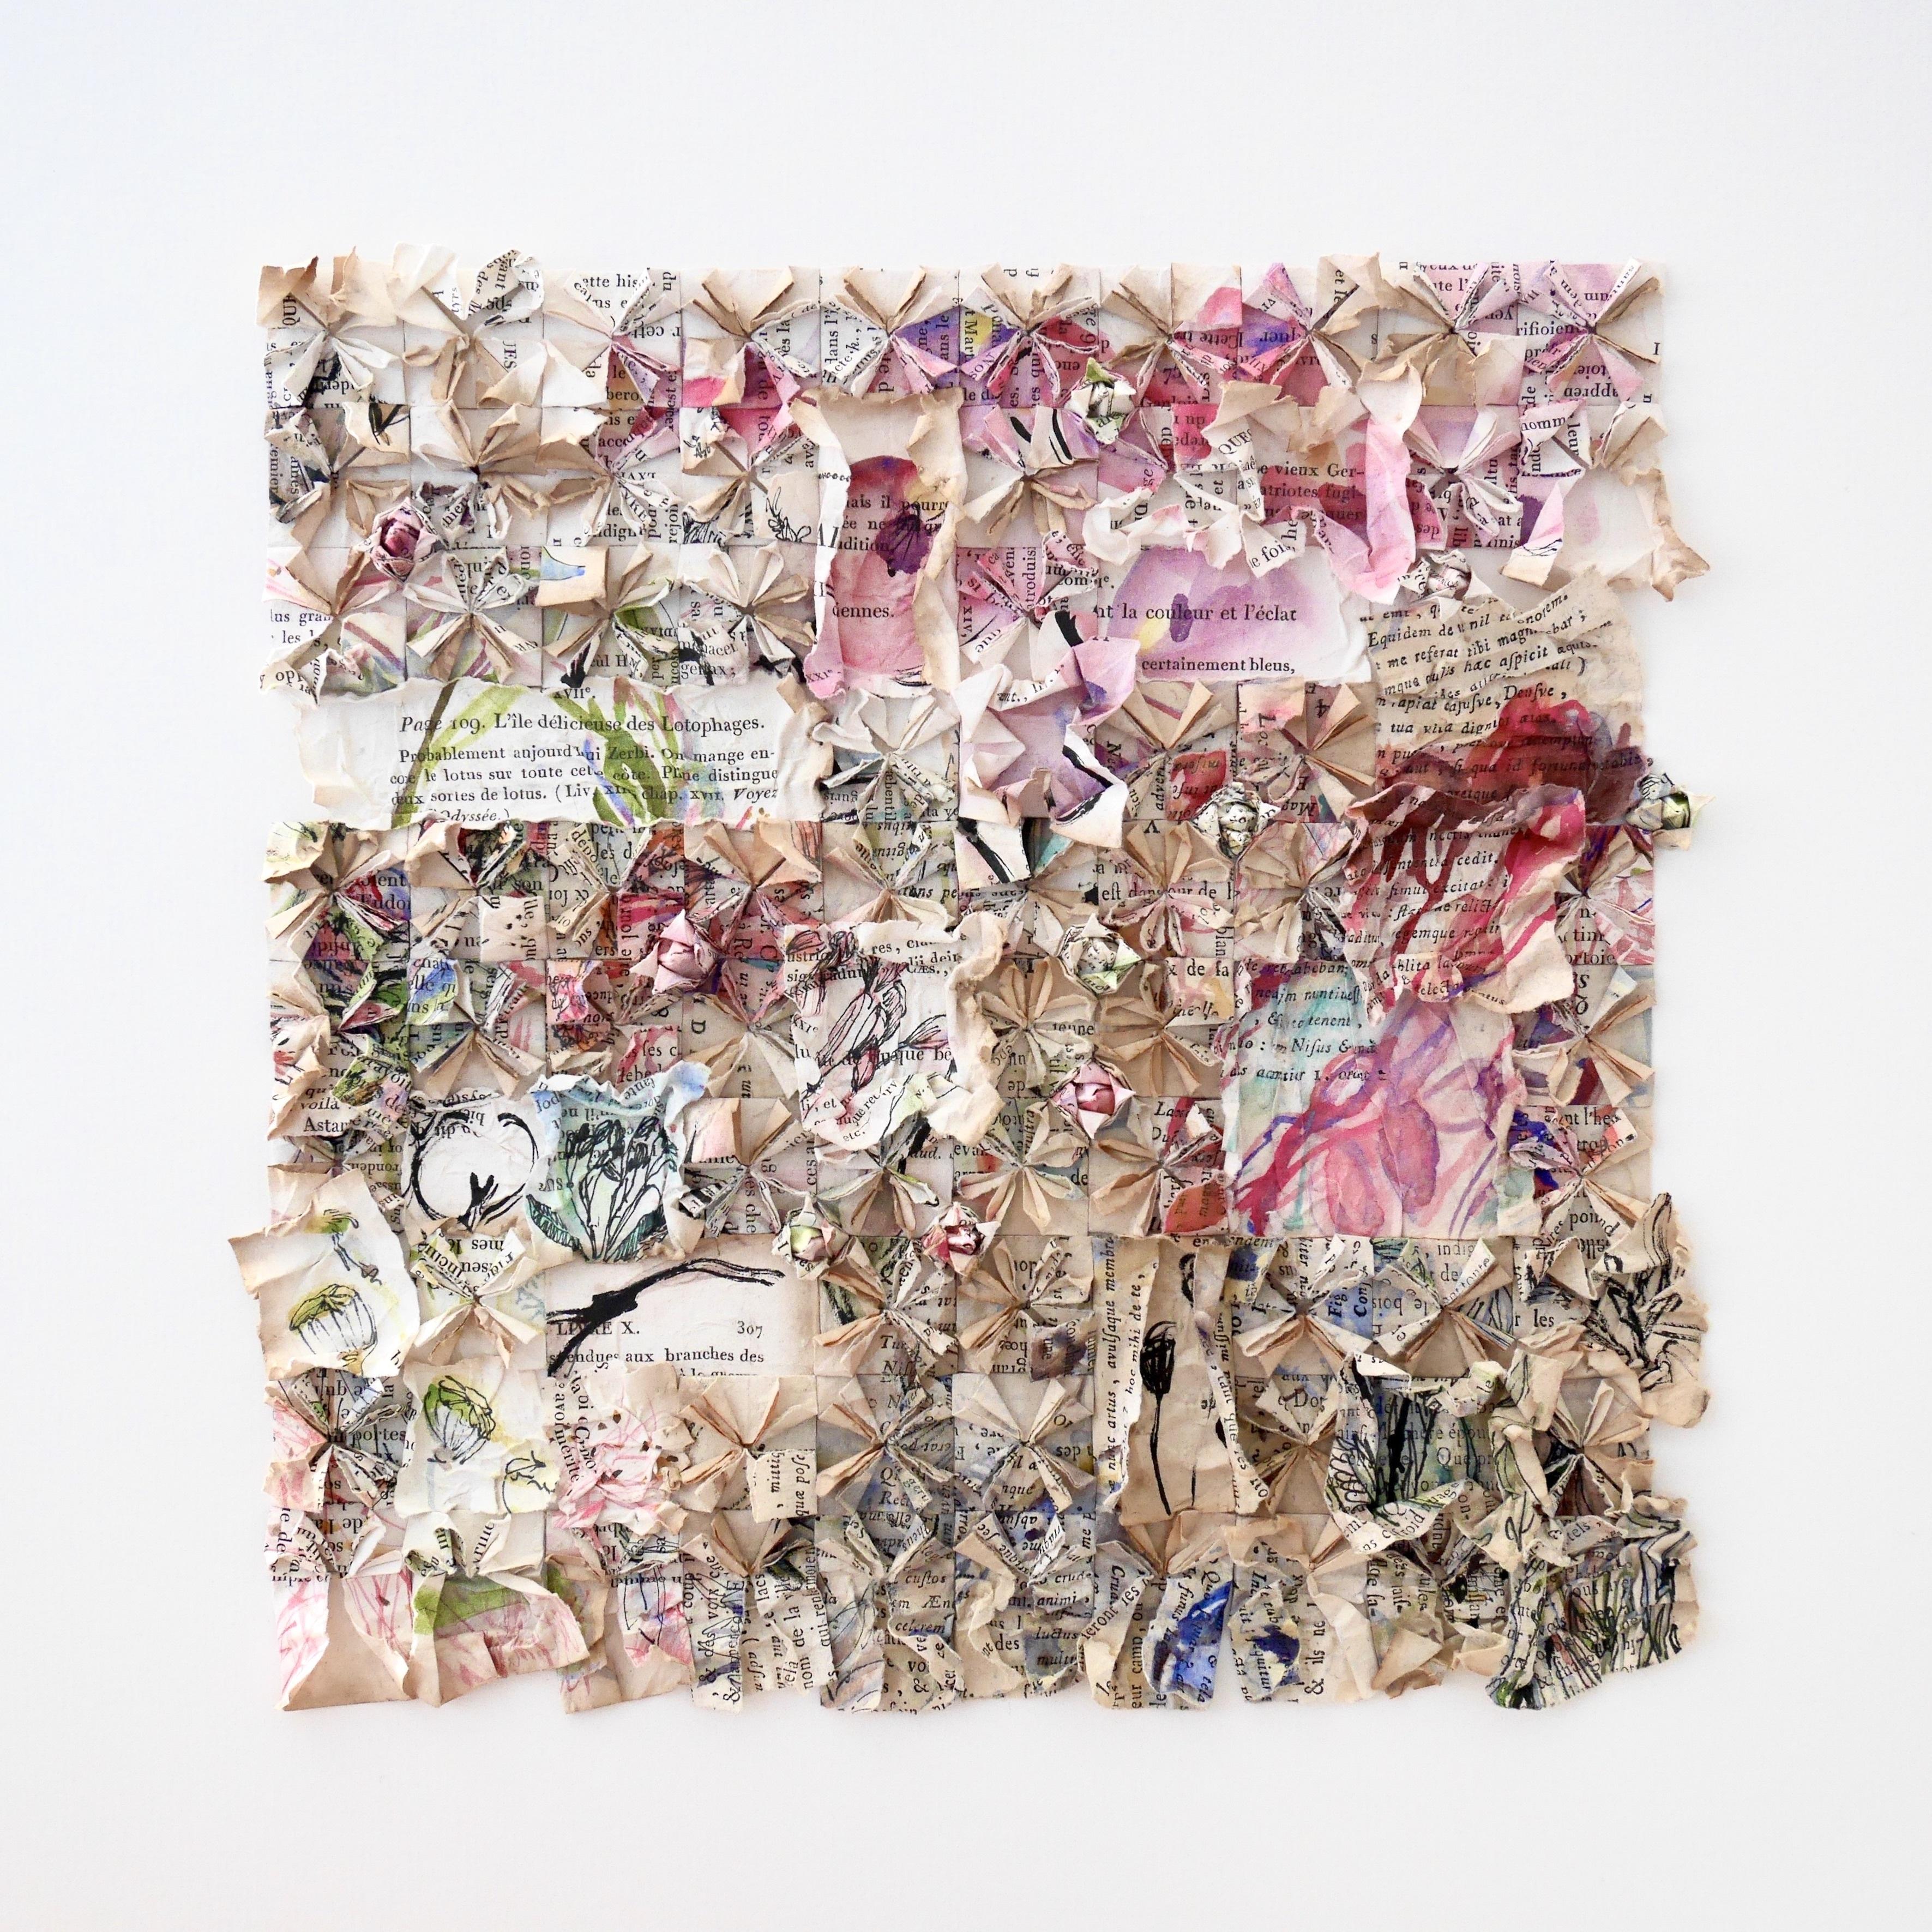 À travers ses aquarelles et ses origamis, Patricia Piard nous propose un pays imaginaire où mots et papiers échangent leurs secrets amoureux, comme une nouvelle carte du Tendre.